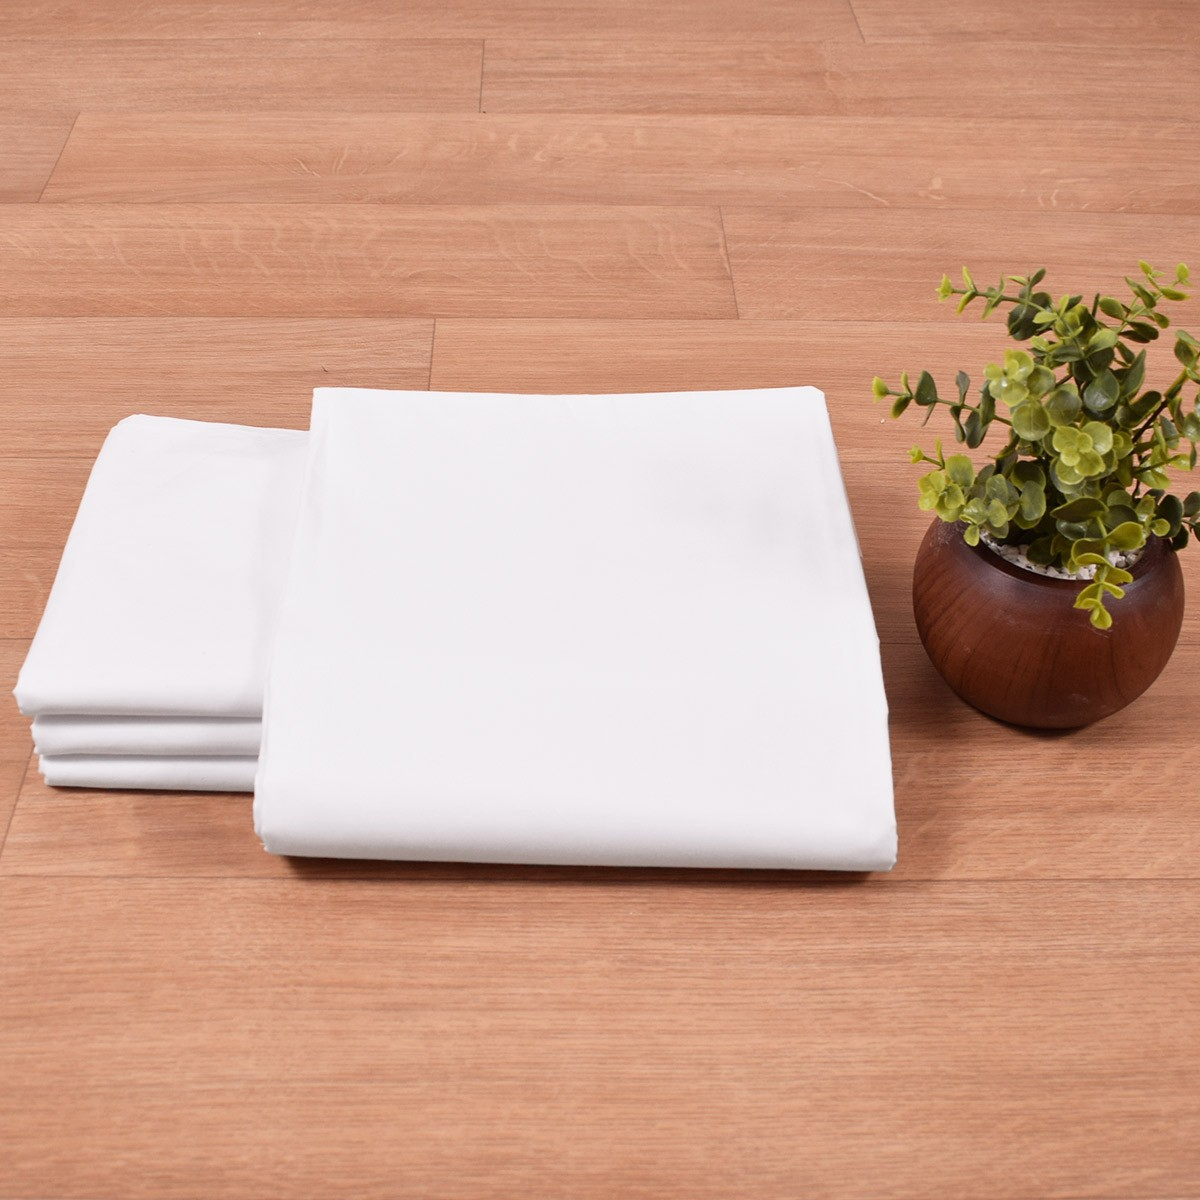 Μαξιλαροθήκη (50×70) 50%Βαμβάκι 50%Polyester T144 73619